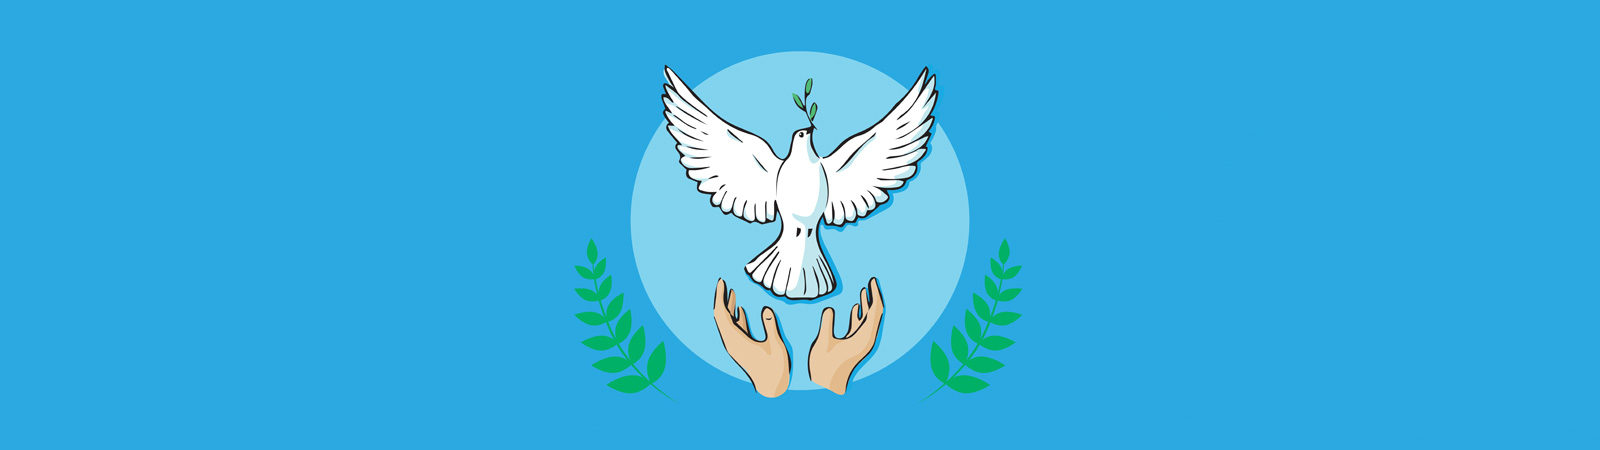 Banner-UN-International-Peace-Day-1.jpg